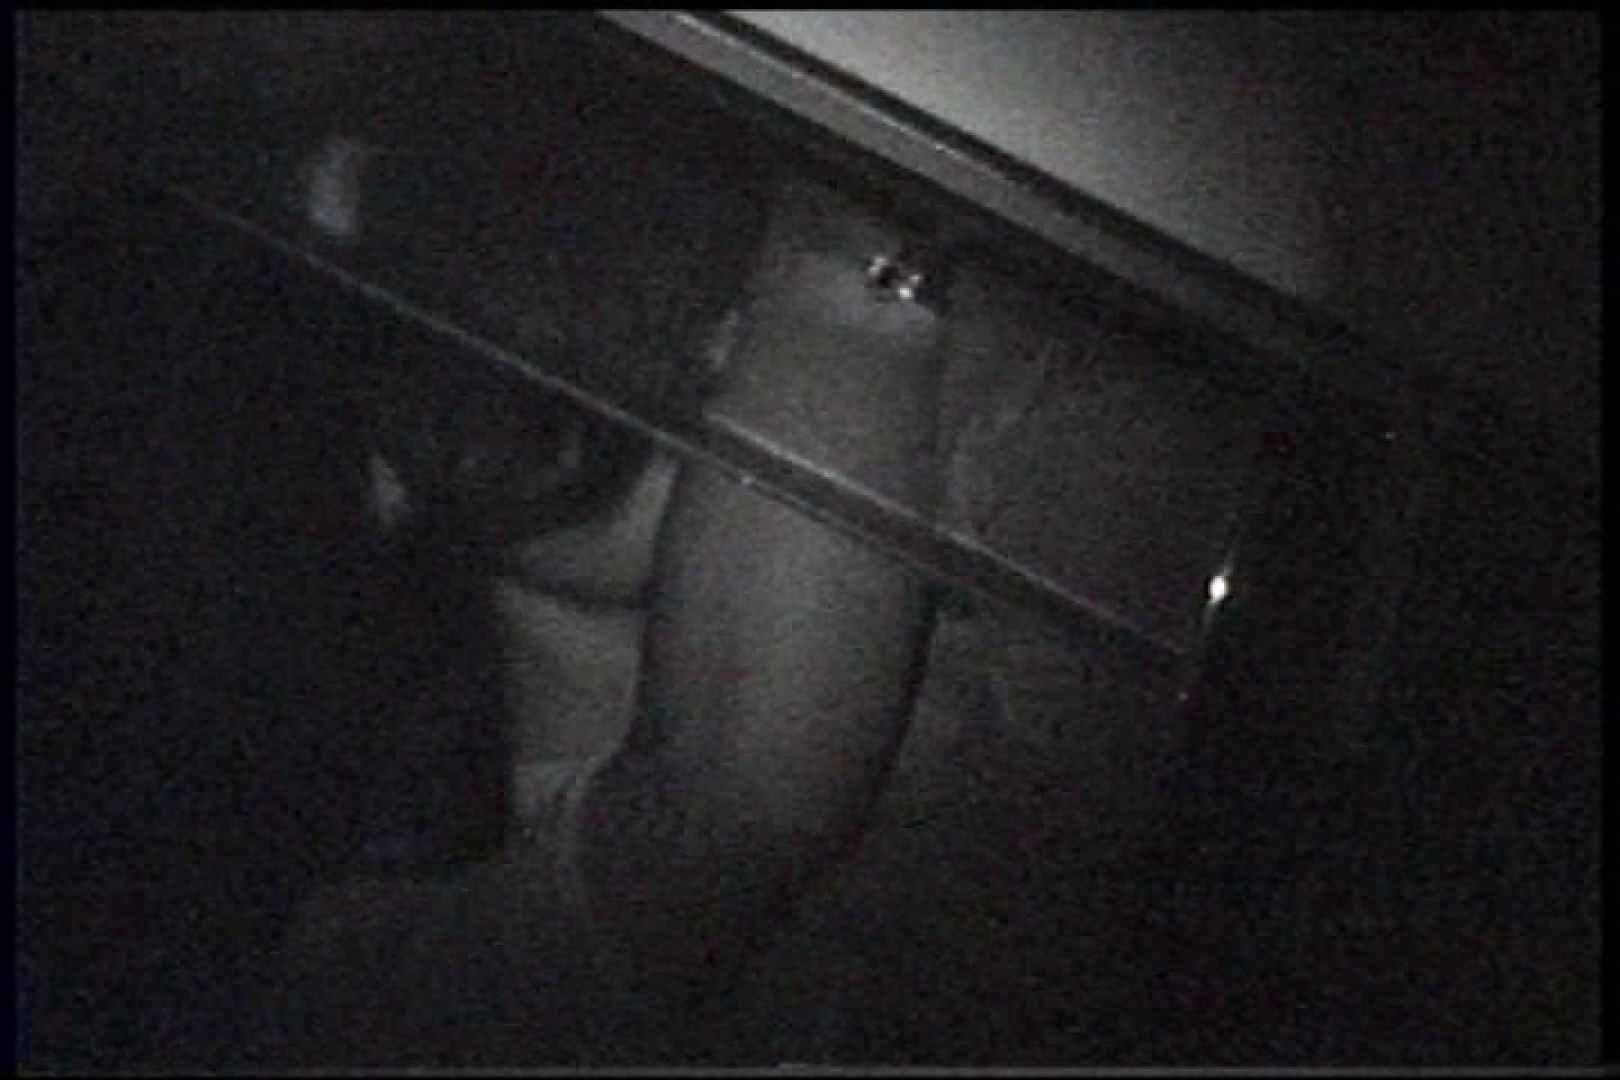 充血監督の深夜の運動会Vol.238 プライベート | エロティックなOL  92画像 4